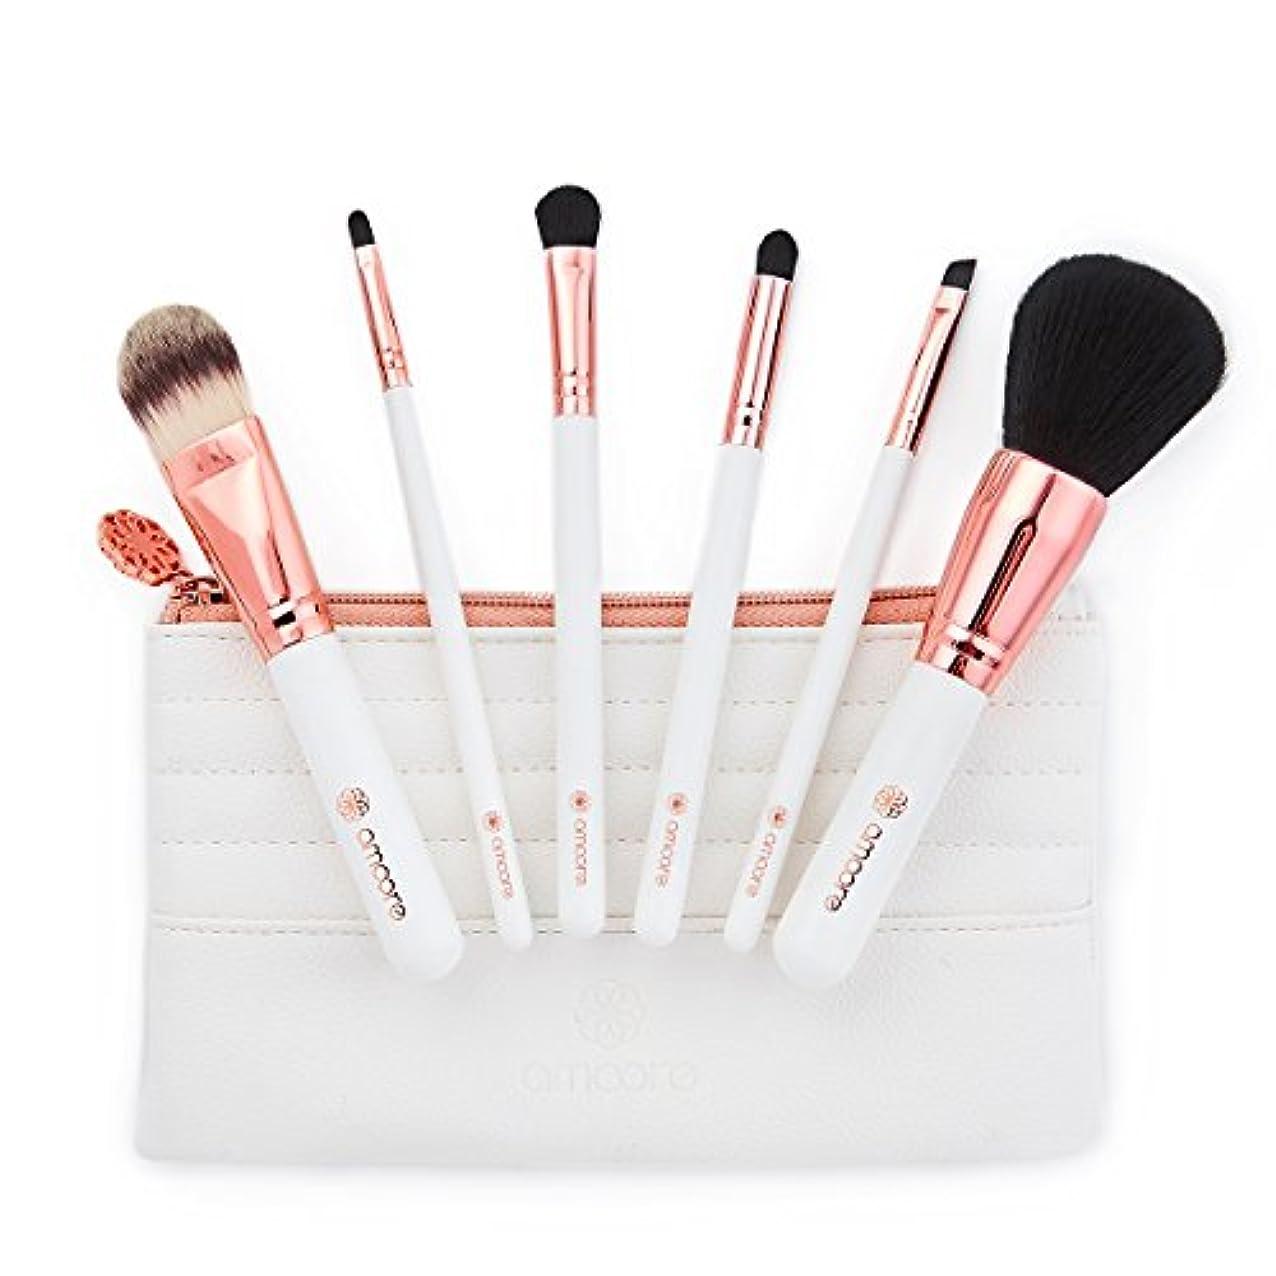 デザイナー合計時制amoore 6本セット 化粧筆 メイクブラシ コスメ ブラシ 化粧ブラシ 収納ケース付き(6本, ホワイト)